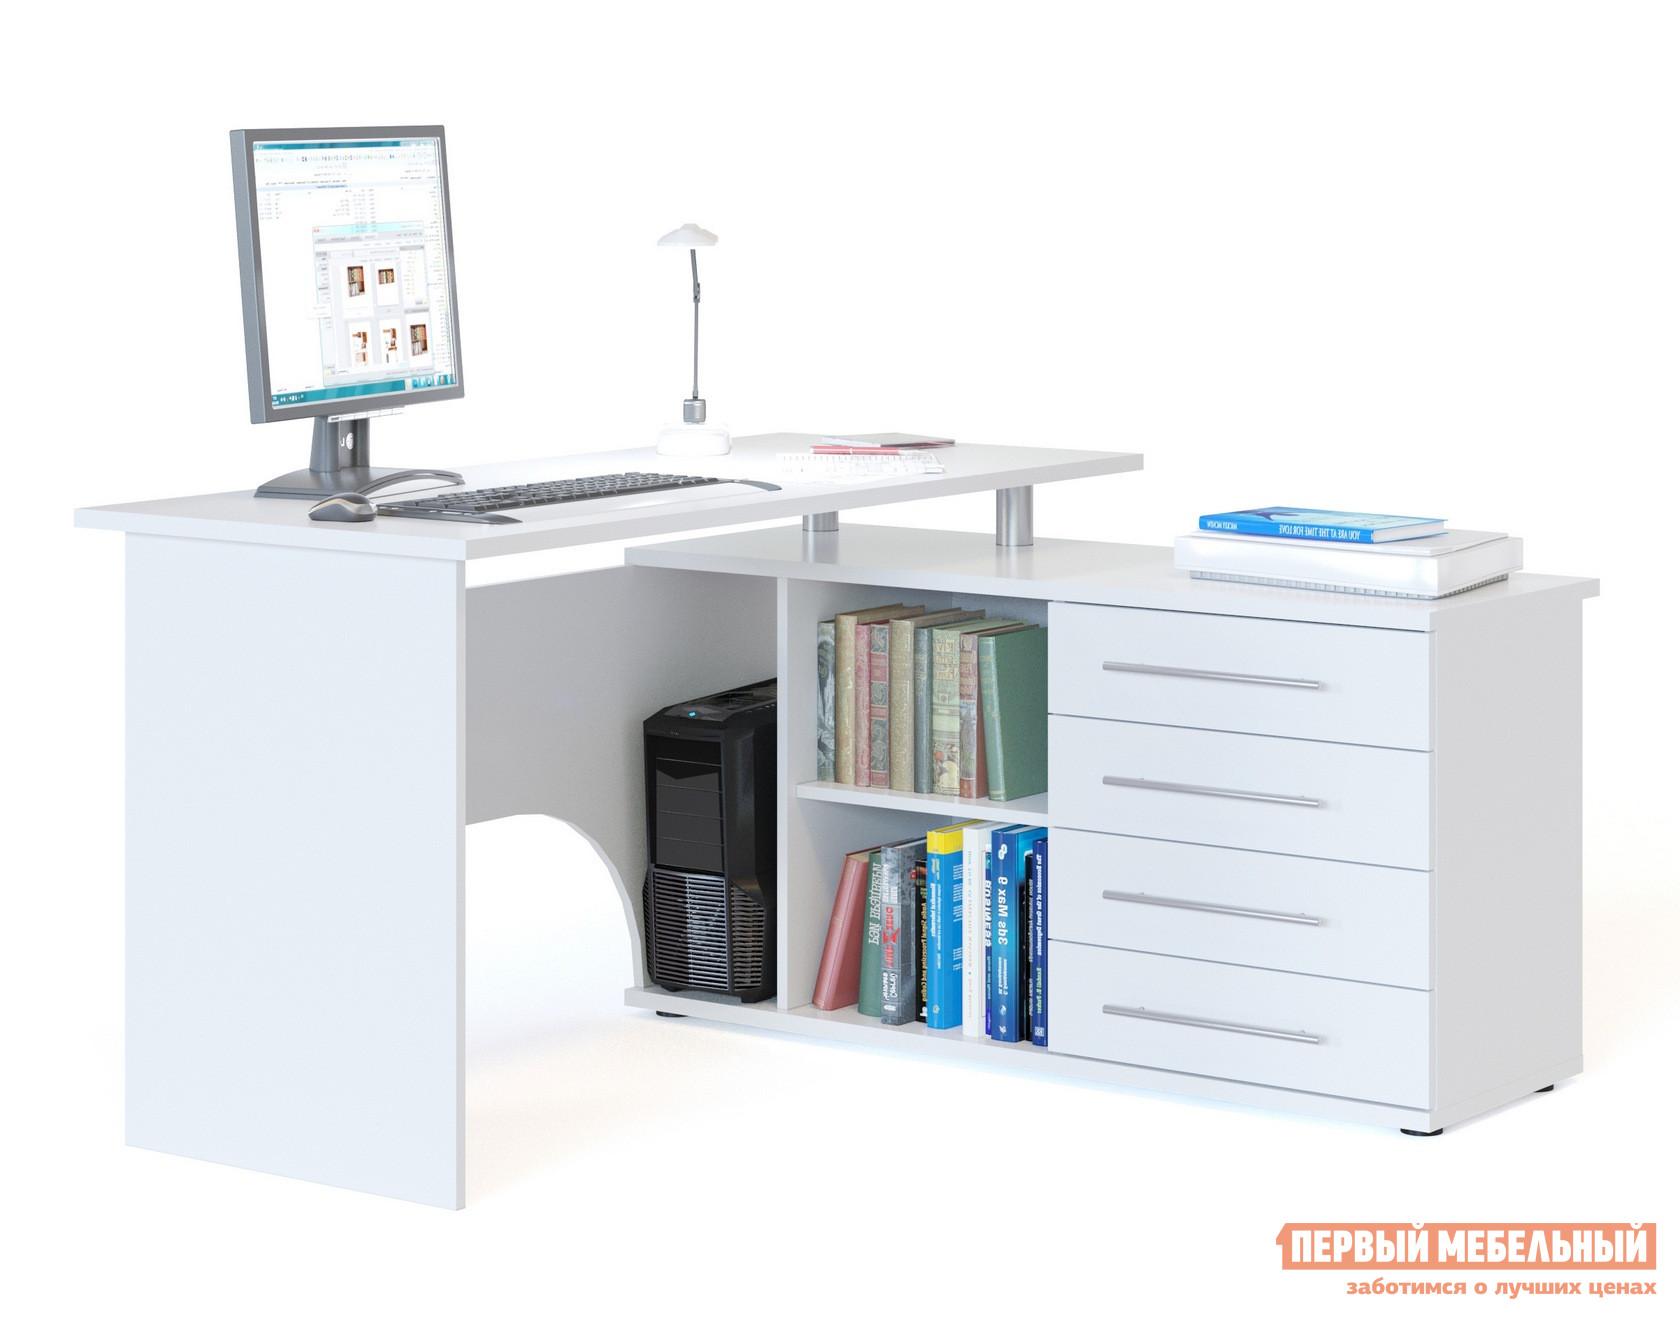 Письменный стол Сокол КСТ-109 Белый, ЛевыйПисьменные столы для офиса<br>Габаритные размеры ВхШхГ 750x1400x1270 мм. Угловой компьютерный стол с двумя рабочими поверхностями.  Основная столешница имеет ширину 1400 мм, позволяя разместить компьютер и рабочие материалы.  На малой столешнице — 1200 мм, удобно держать под рукой книги, папки, канцелярию. Стол оборудован тумбой с четырьмя ящиками, открытыми полками и нишей под системный блок.  Такая модель компьютерного стола позволяет организовать функциональную рабочую зону как в домашнем кабинете, так и в офисе. Особенность модели — задняя стенка из ЛДСП, что позволит расположить стол не только у стены, но и в любом удобном месте, не нарушая интерьерной композиции. Внутренний размер ящиков — 456 х 346 мм. Размер ниши под системный блок (ВхШхГ) — 565 х 220 х 440 мм. Обратите внимание! Стол может быть с правым или левым углом (определяется по расположению тумбы).  При оформлении заказа нужно выбрать необходимую ориентацию. Столешница и основание тумбы выполняются из ЛДСП 22 мм, остальные детали — ЛДСП 16 мм.  Края обработаны кантом ПВХ.   Рекомендуем сохранить инструкцию по сборке (паспорт изделия) до истечения гарантийного срока.<br><br>Цвет: Белый<br>Цвет: Белый<br>Высота мм: 750<br>Ширина мм: 1400<br>Глубина мм: 1270<br>Кол-во упаковок: 2<br>Форма поставки: В разобранном виде<br>Срок гарантии: 3 года<br>Тип: Угловые<br>Материал: Деревянные, из ЛДСП<br>Размер: Большие, Ширина 140 см<br>Особенности: С ящиками, С тумбой, С полками